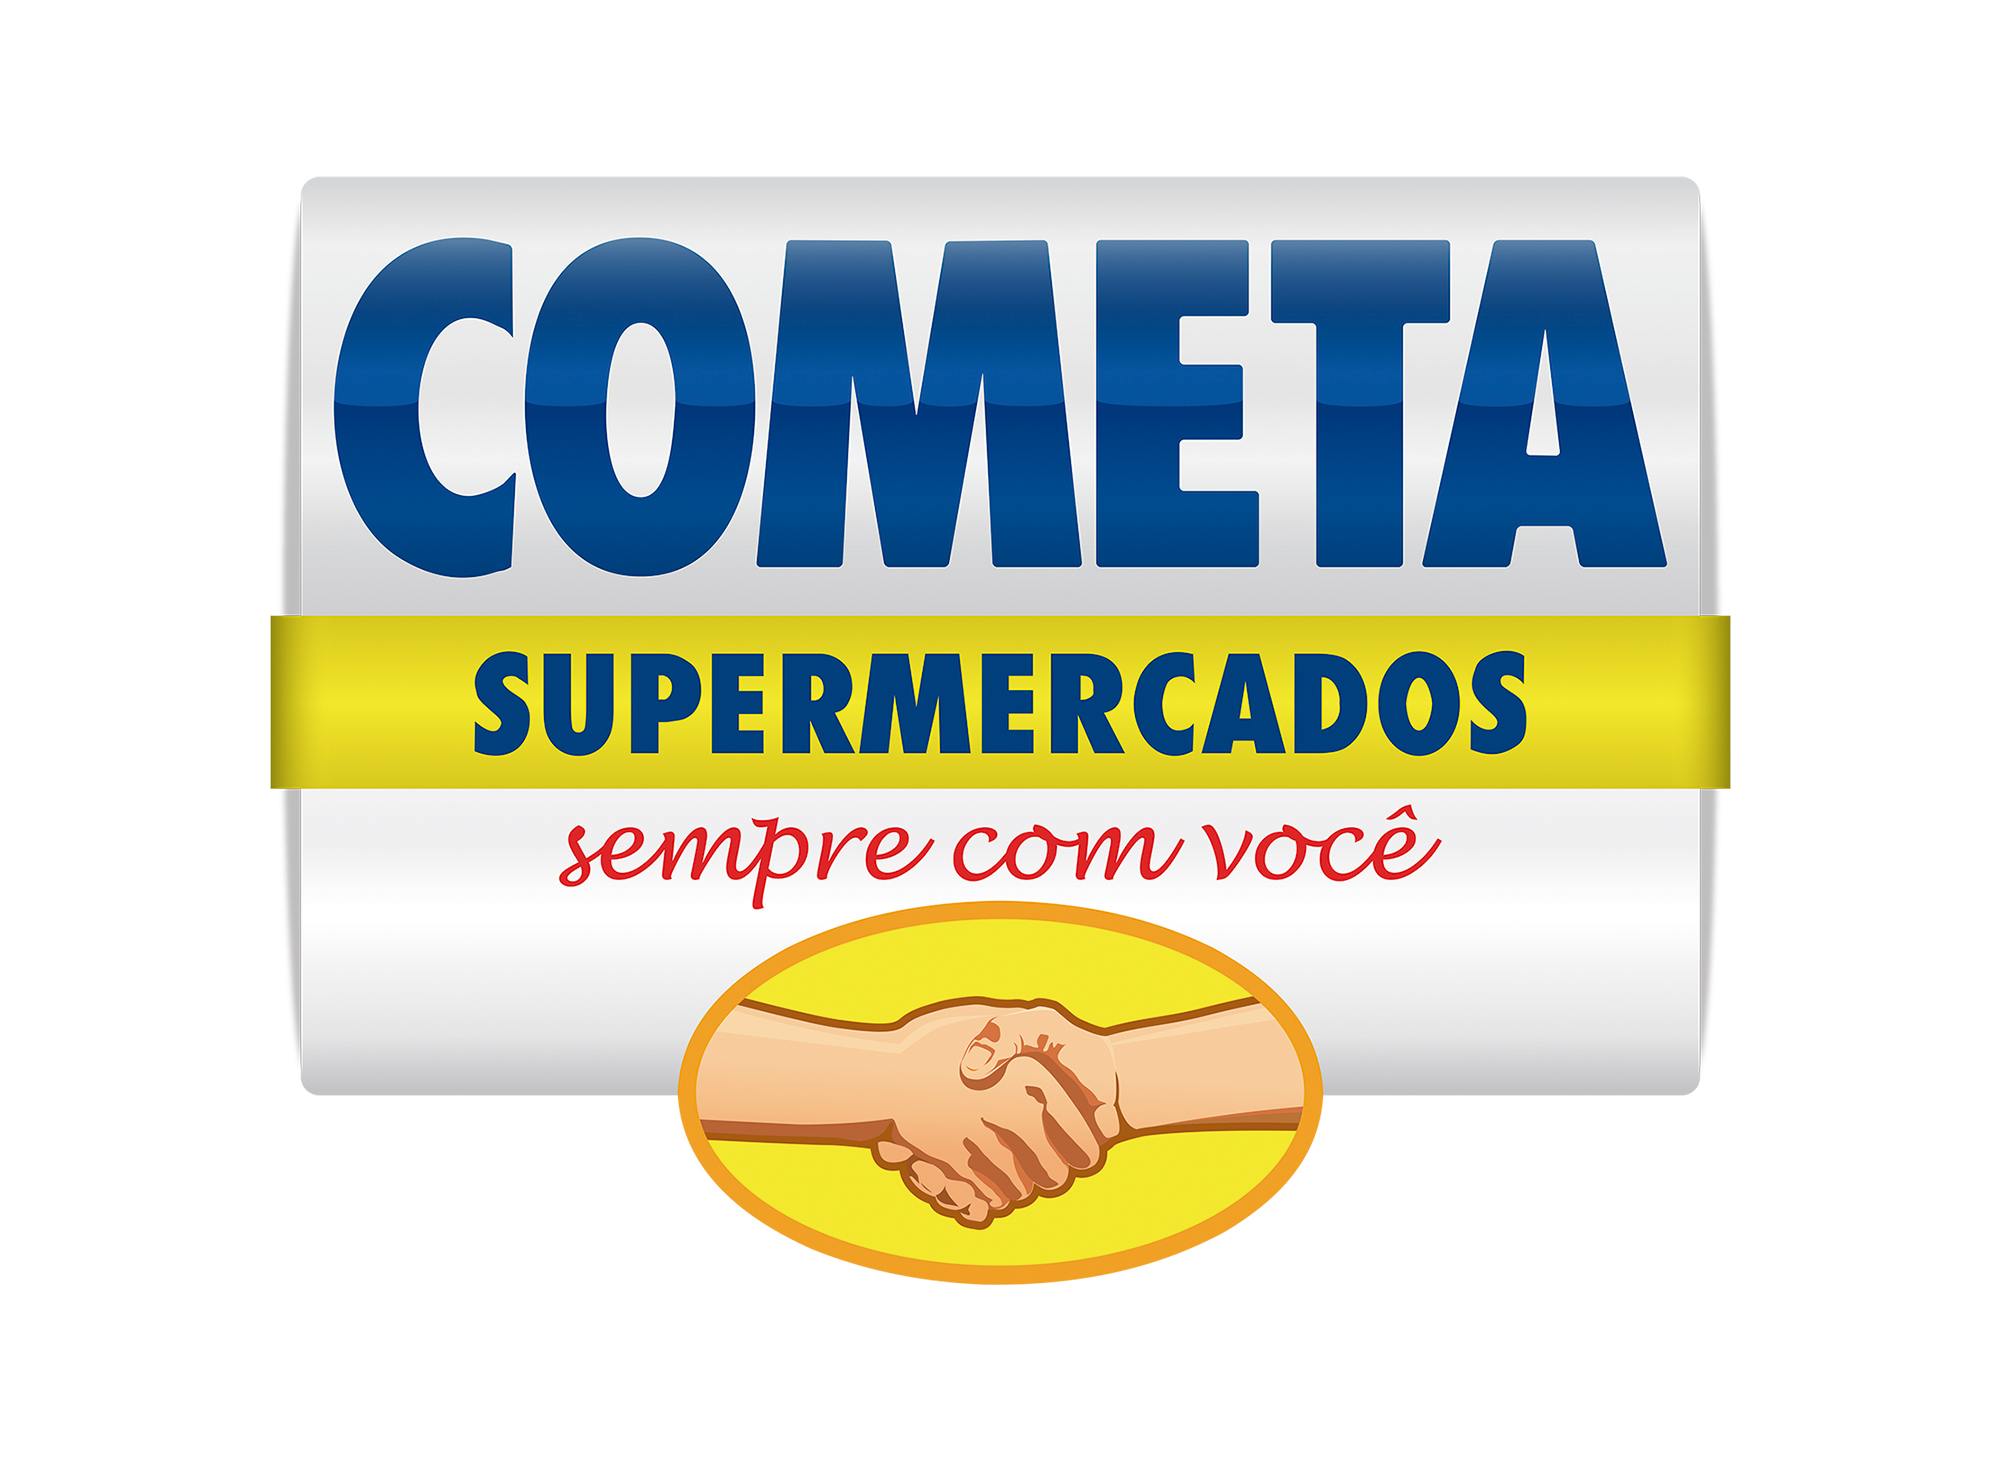 cometa-supermercados-clientes-portfolio-agencia-diretriz-digital-marketing-fortaleza